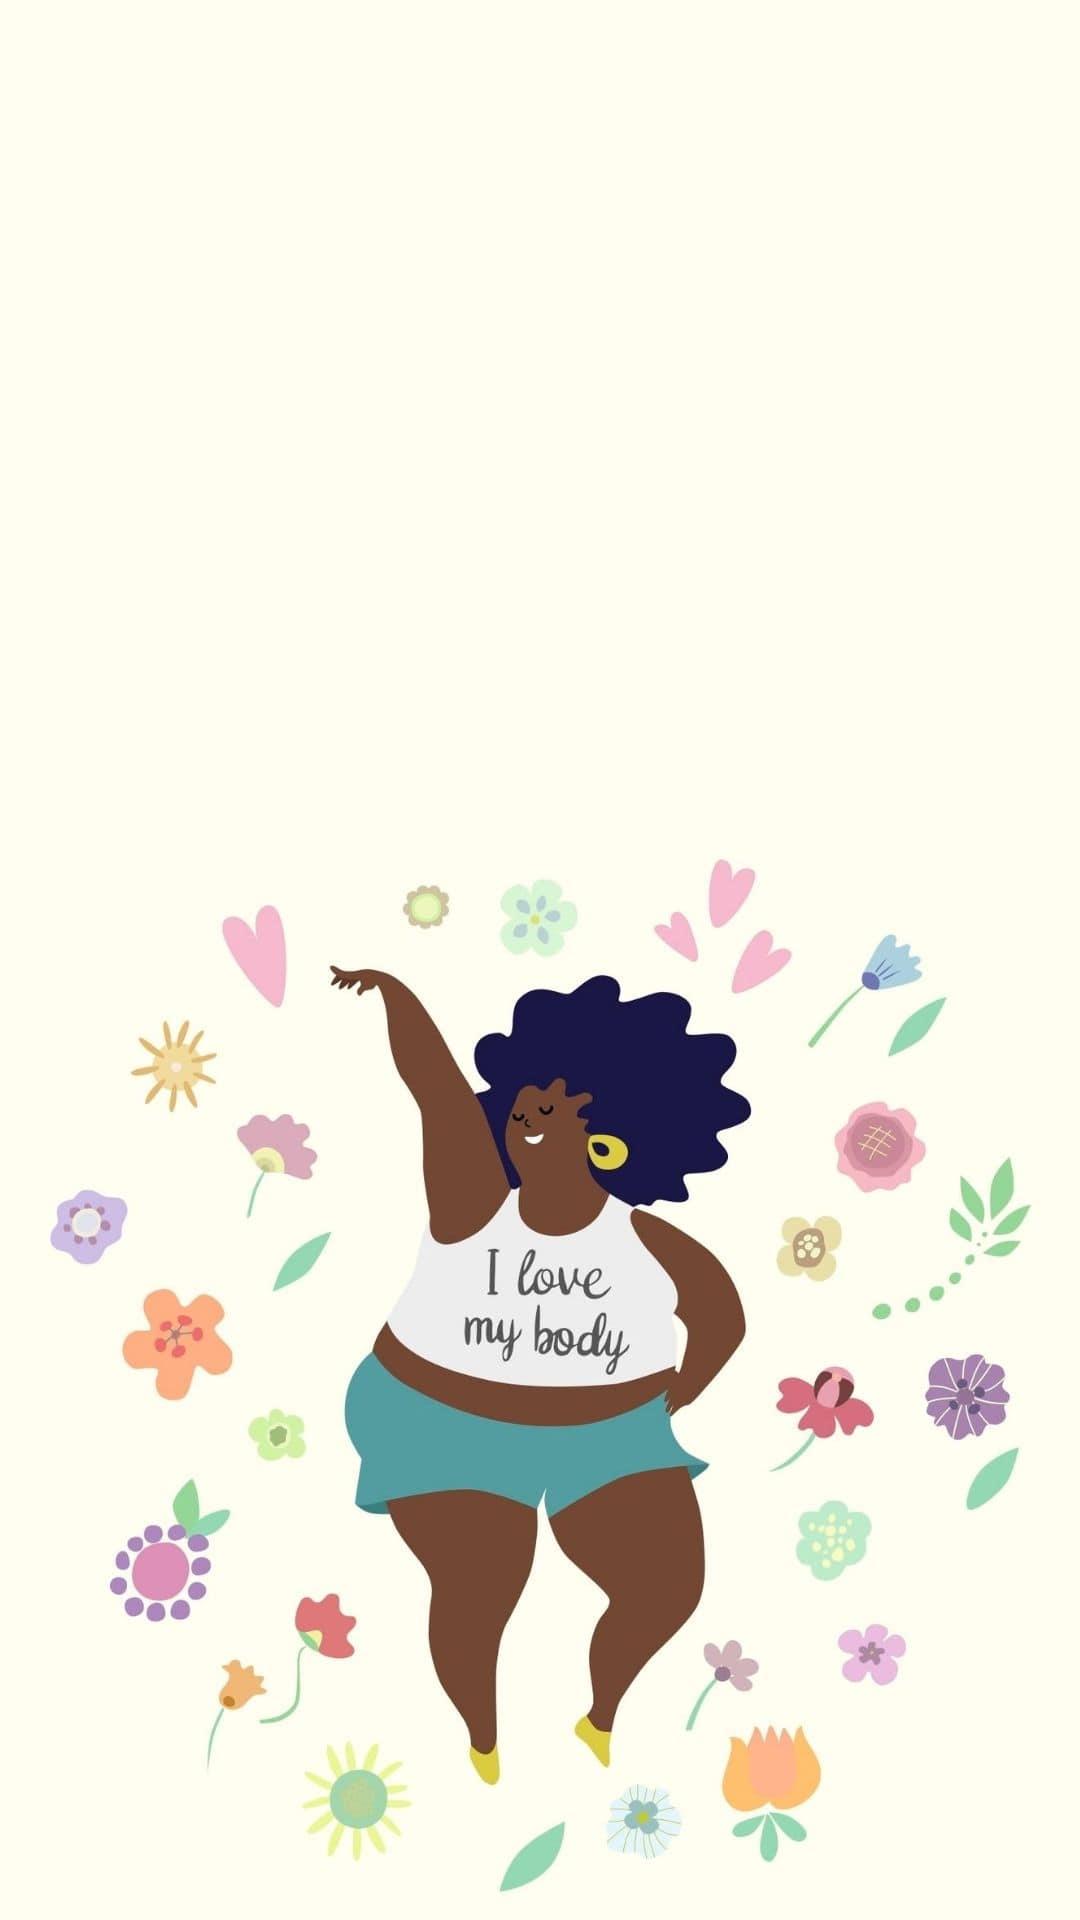 Tekening van een dikke Zwarte vrouw in een groene short en een witte crop top met daarop de tekst: I love my body